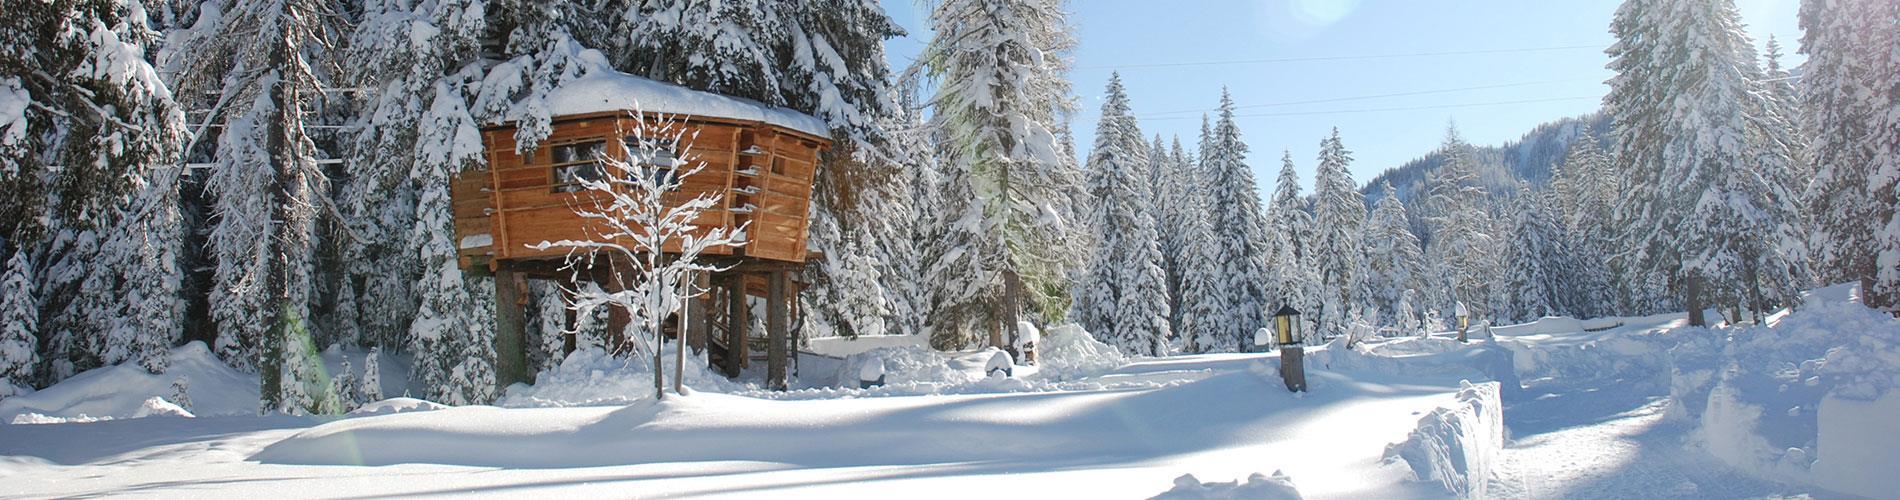 Casa Sull Albero Malga Priu Prezzi campeggio e hotel con case sull'albero in alto adige